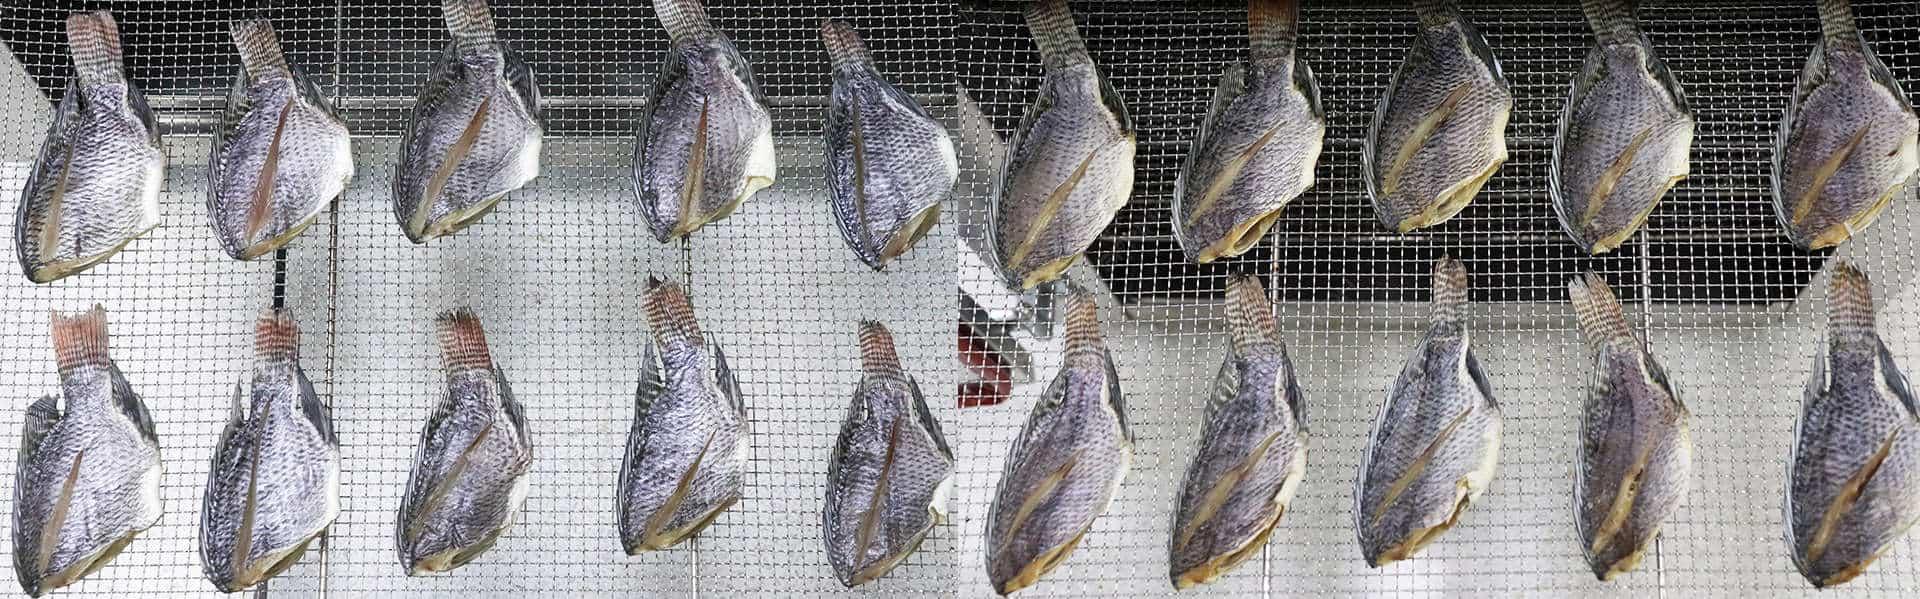 Máy sấy thực phẩm khí nóng công nghiệp GE - Cá rô trước và sau khi sấy